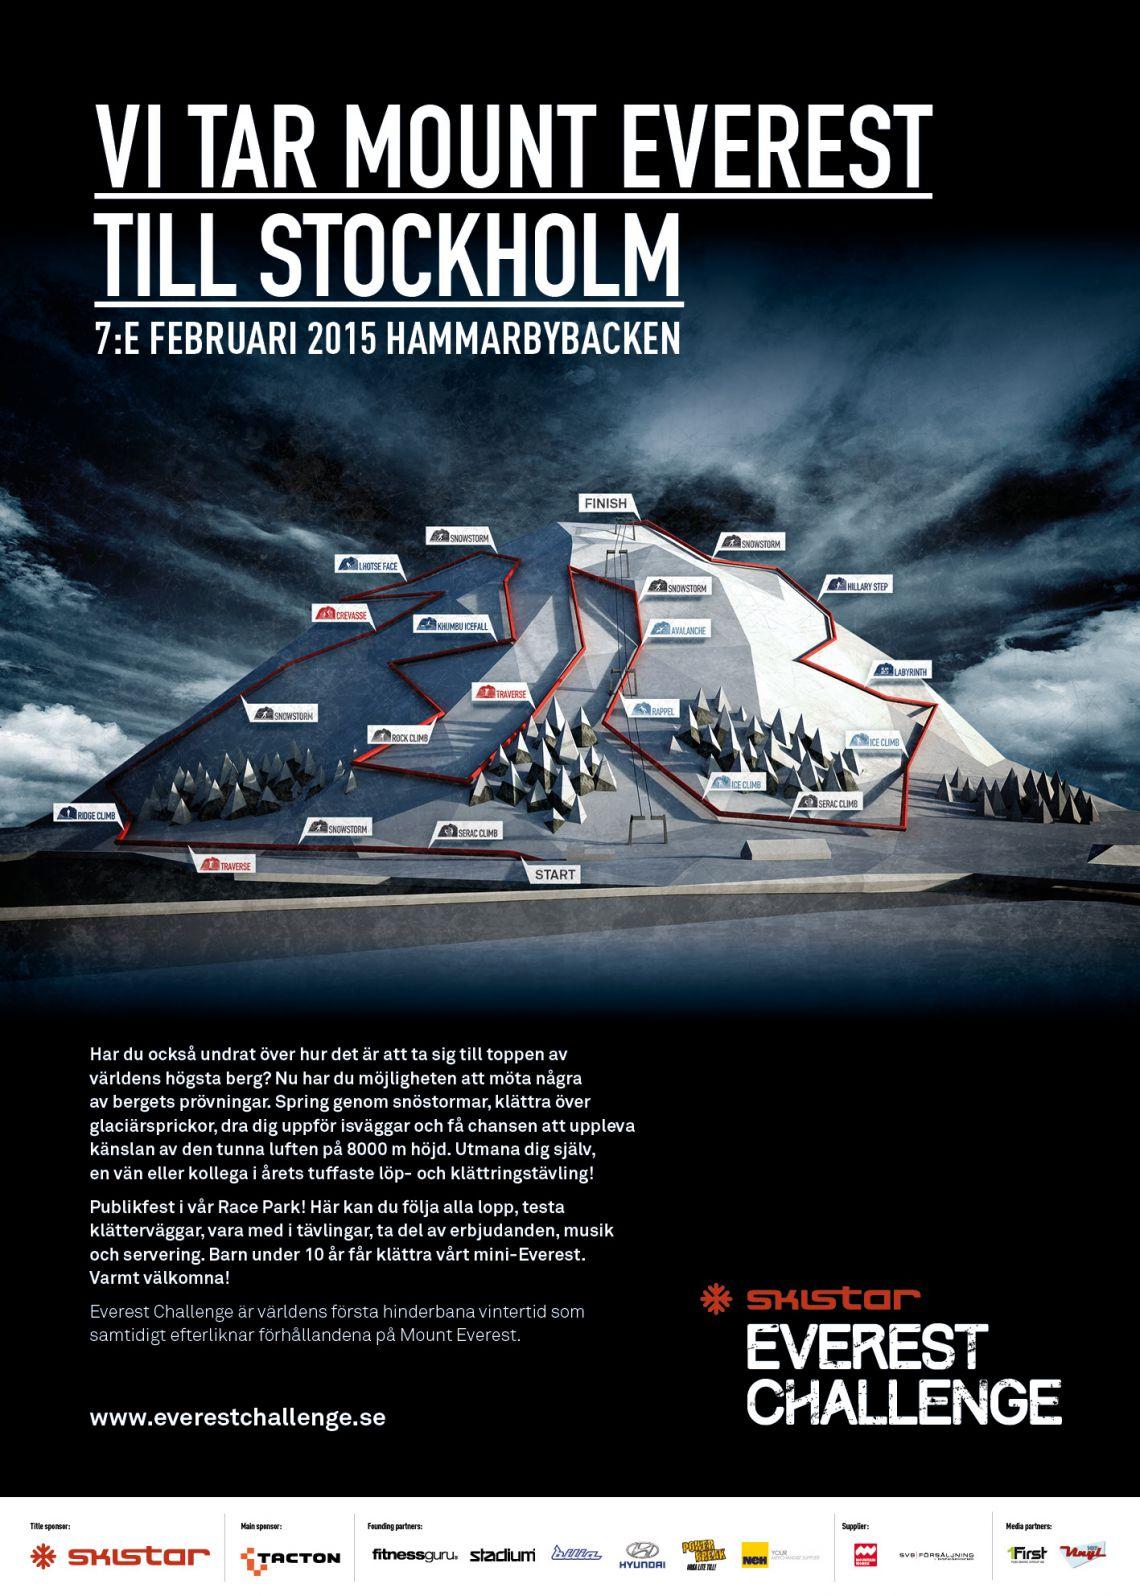 Skistar_Everest_Challenge_affisch_500x700_jan15